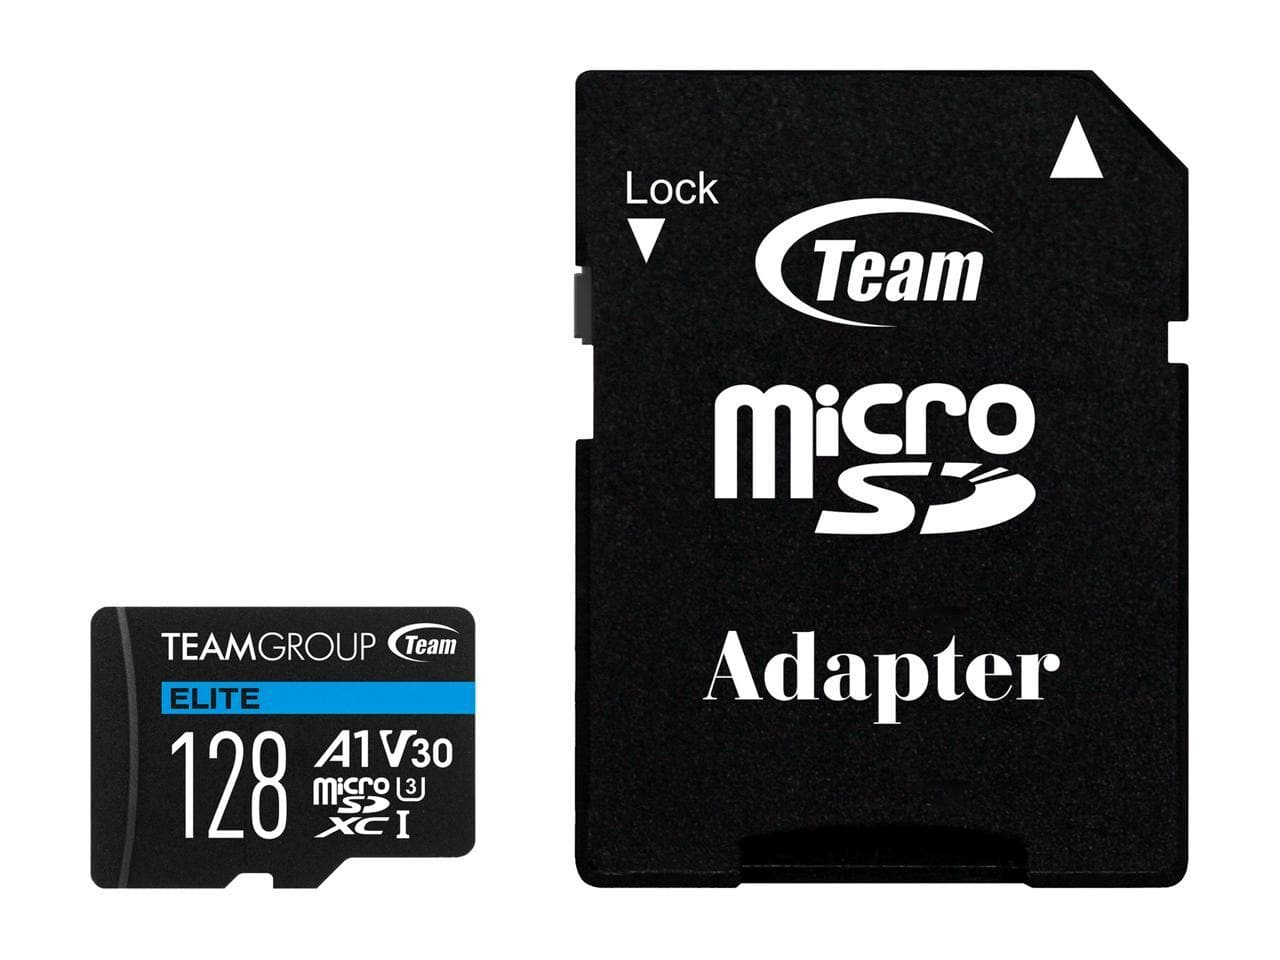 128GB Team Elite U3 A1 V30 microSDXC Card w/ Adapter @Newegg $11.19